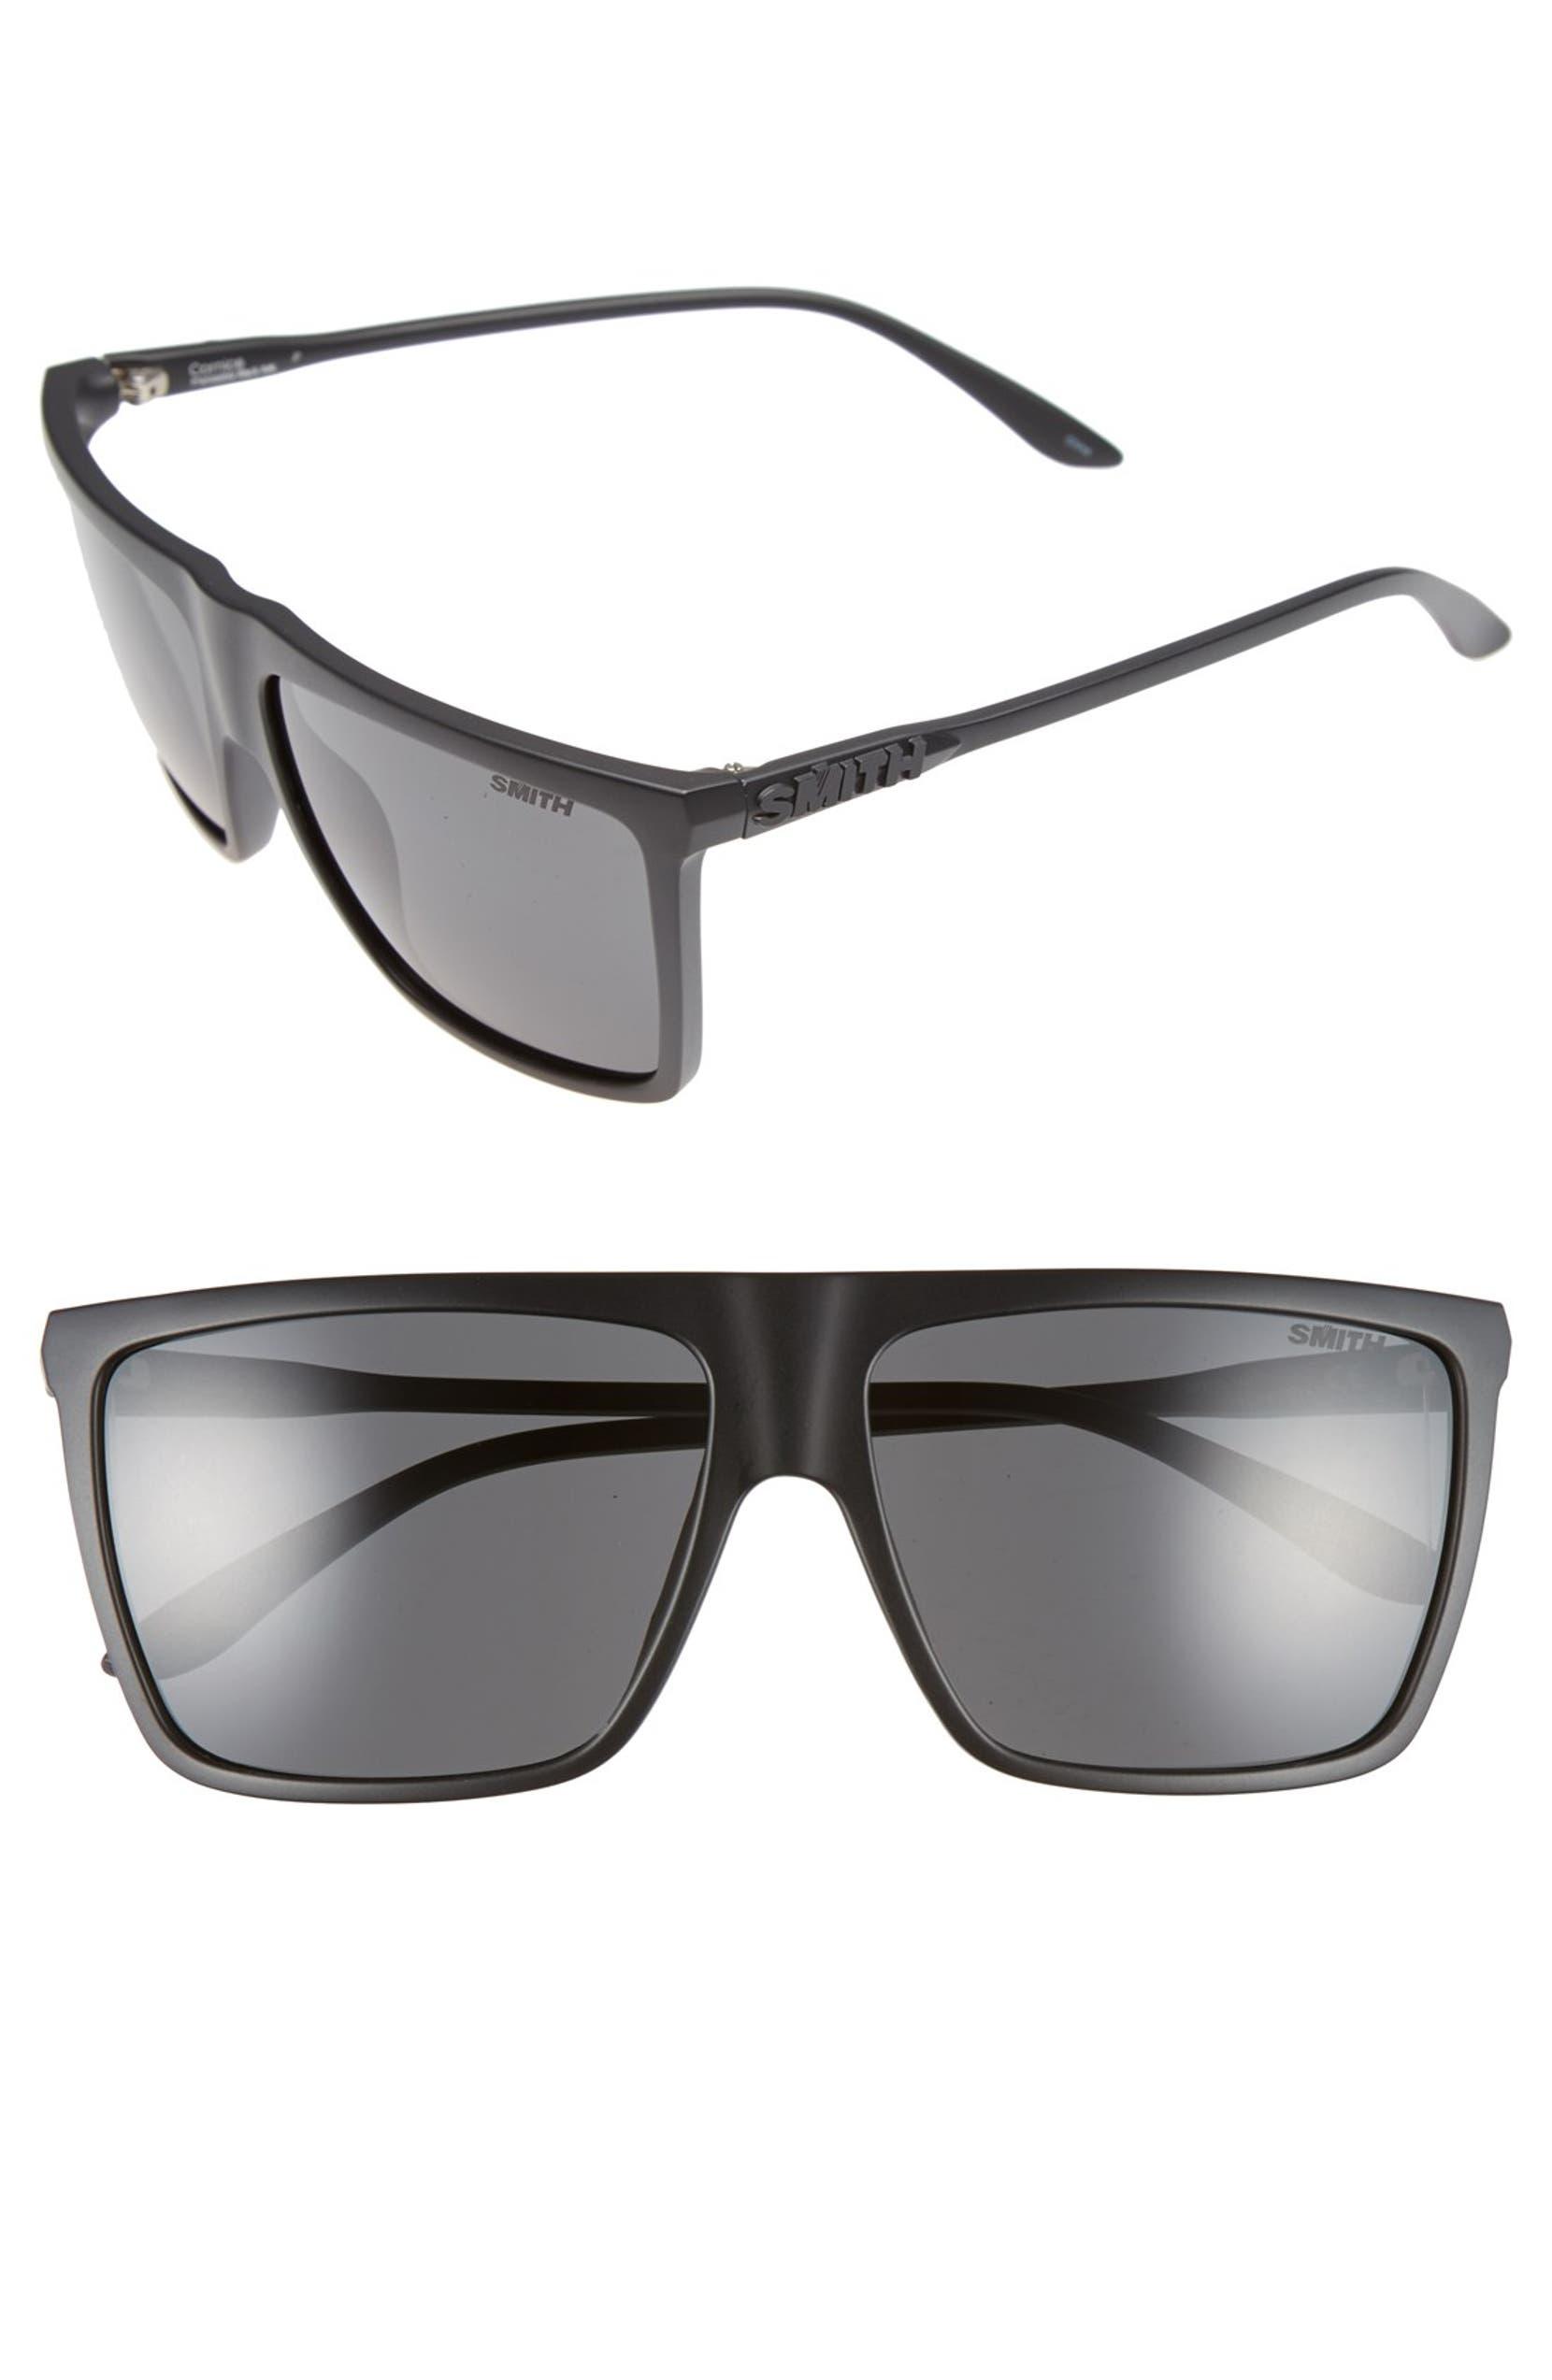 b94de28c67f1 Smith  Cornice - Archive Collection  59mm Polarized Sunglasses ...